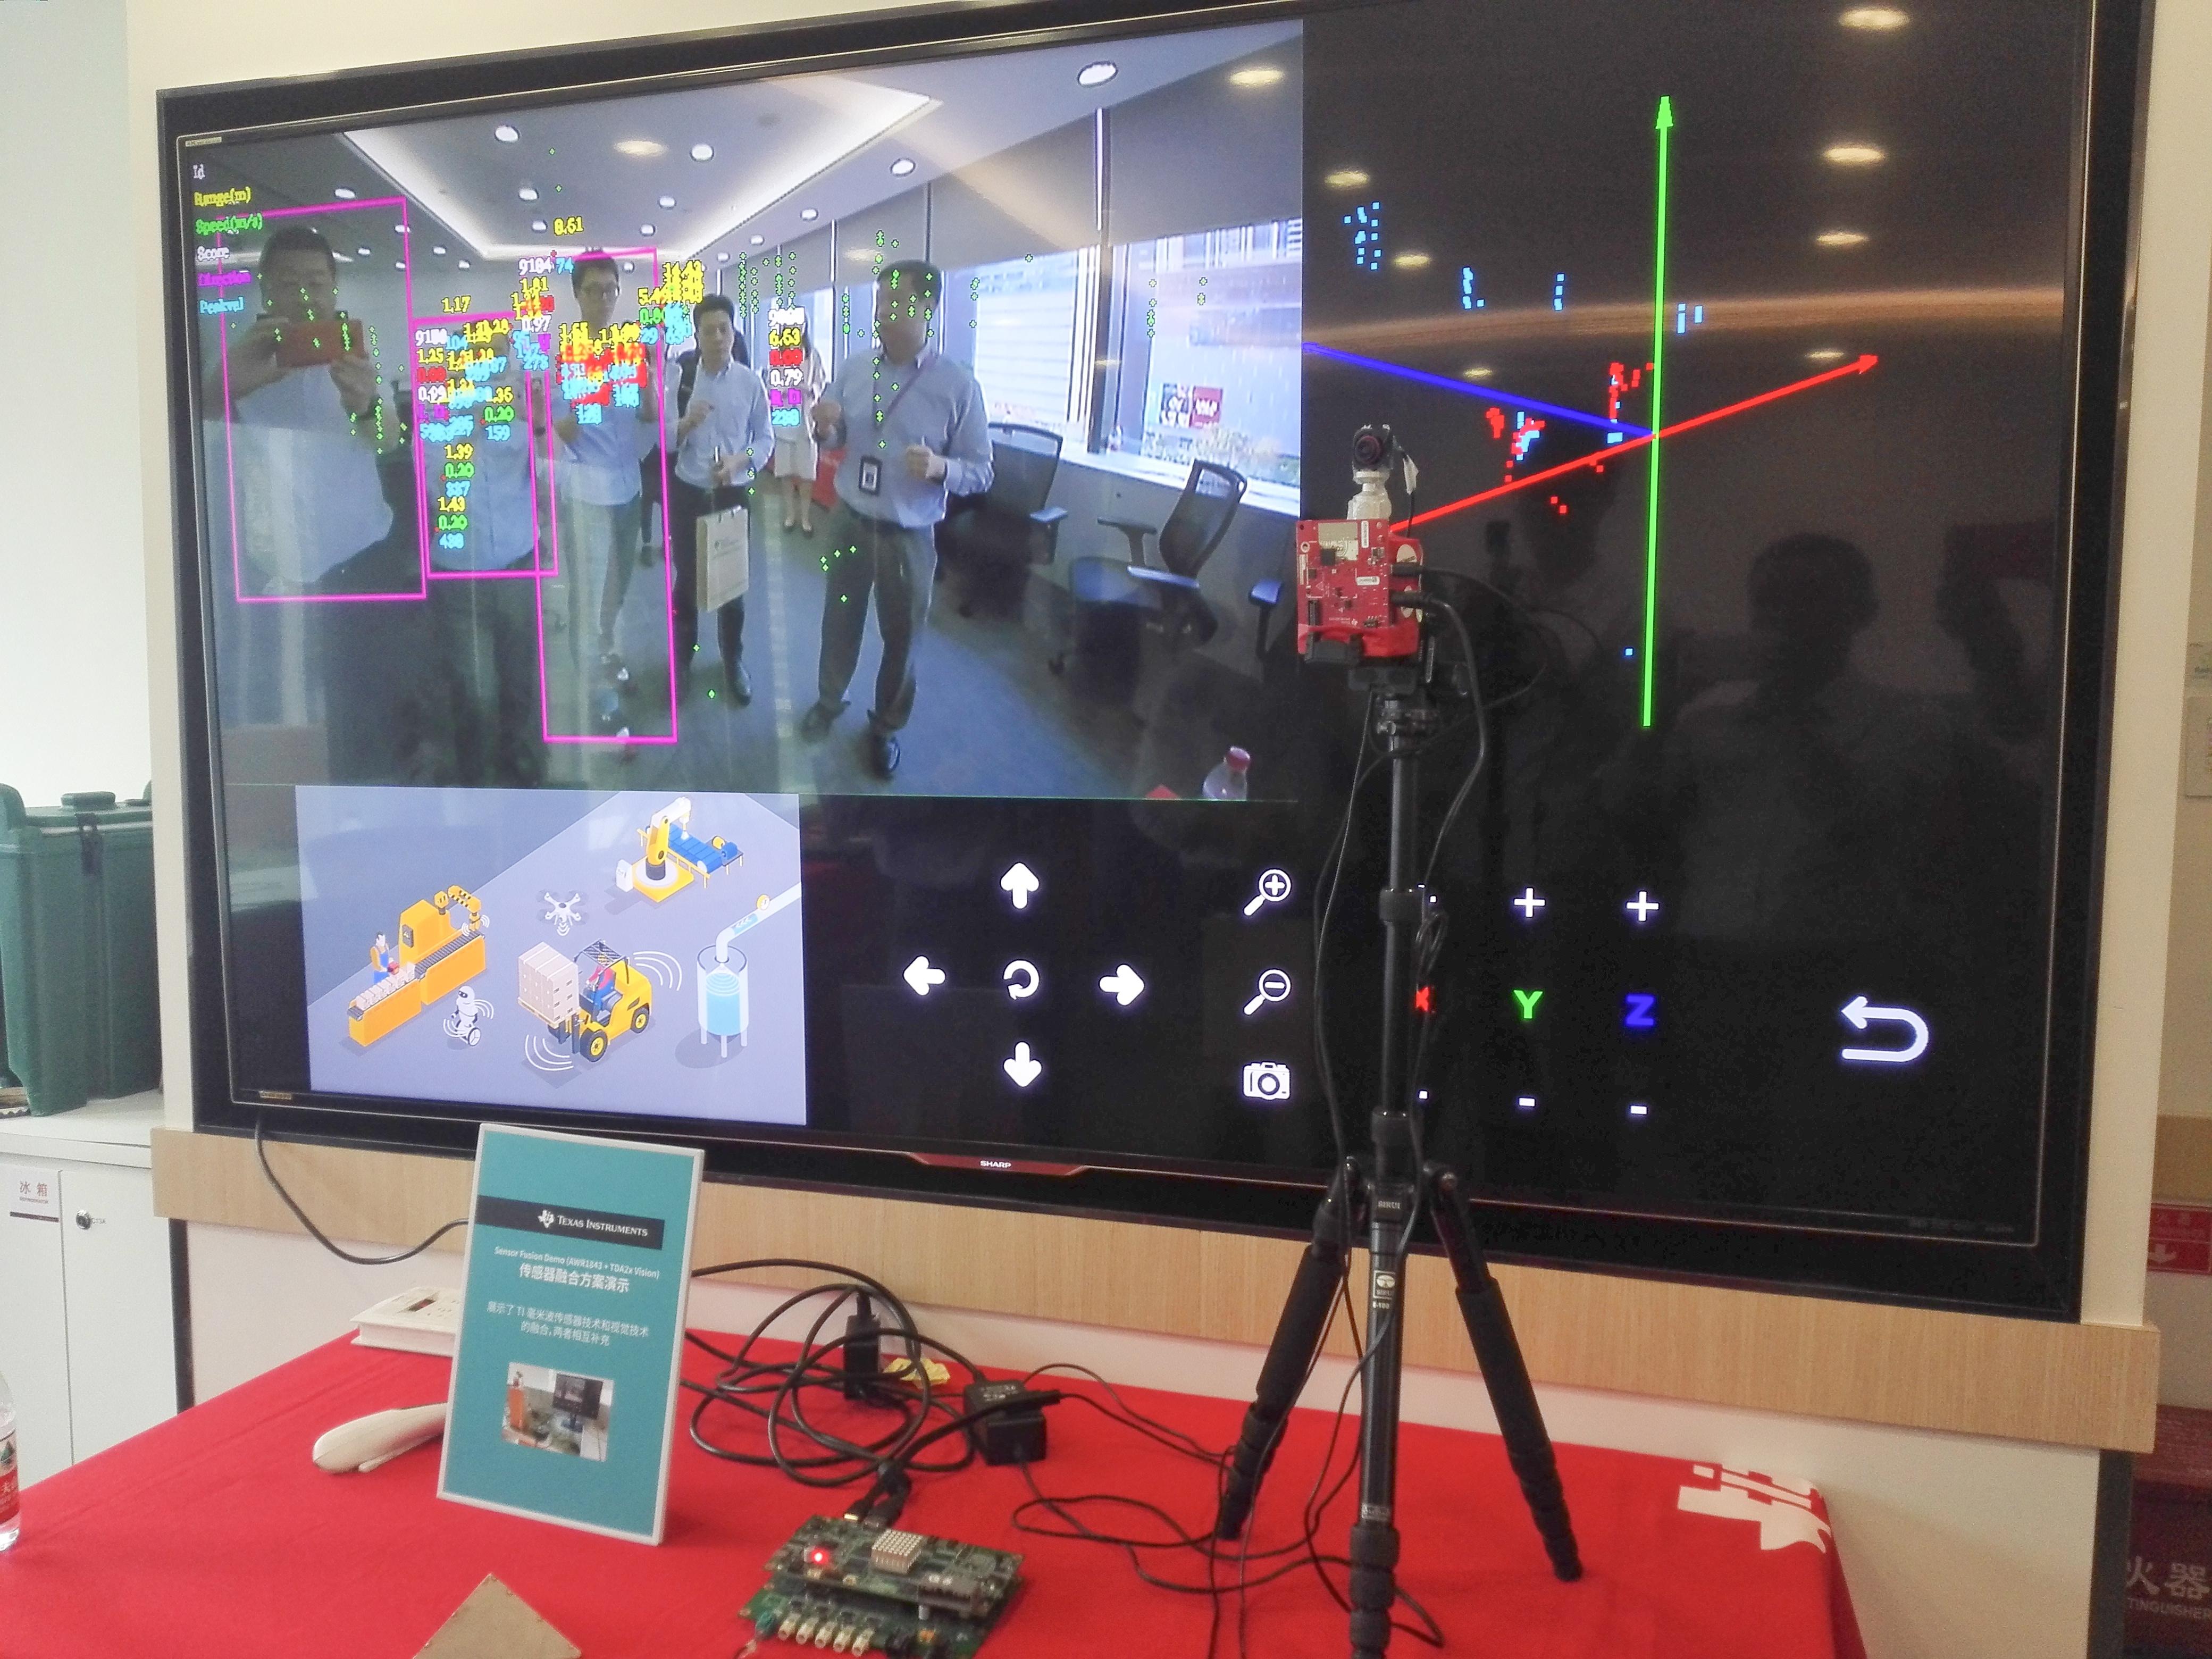 TI演示了其60 GHz毫米波传感器IWR6843的应用